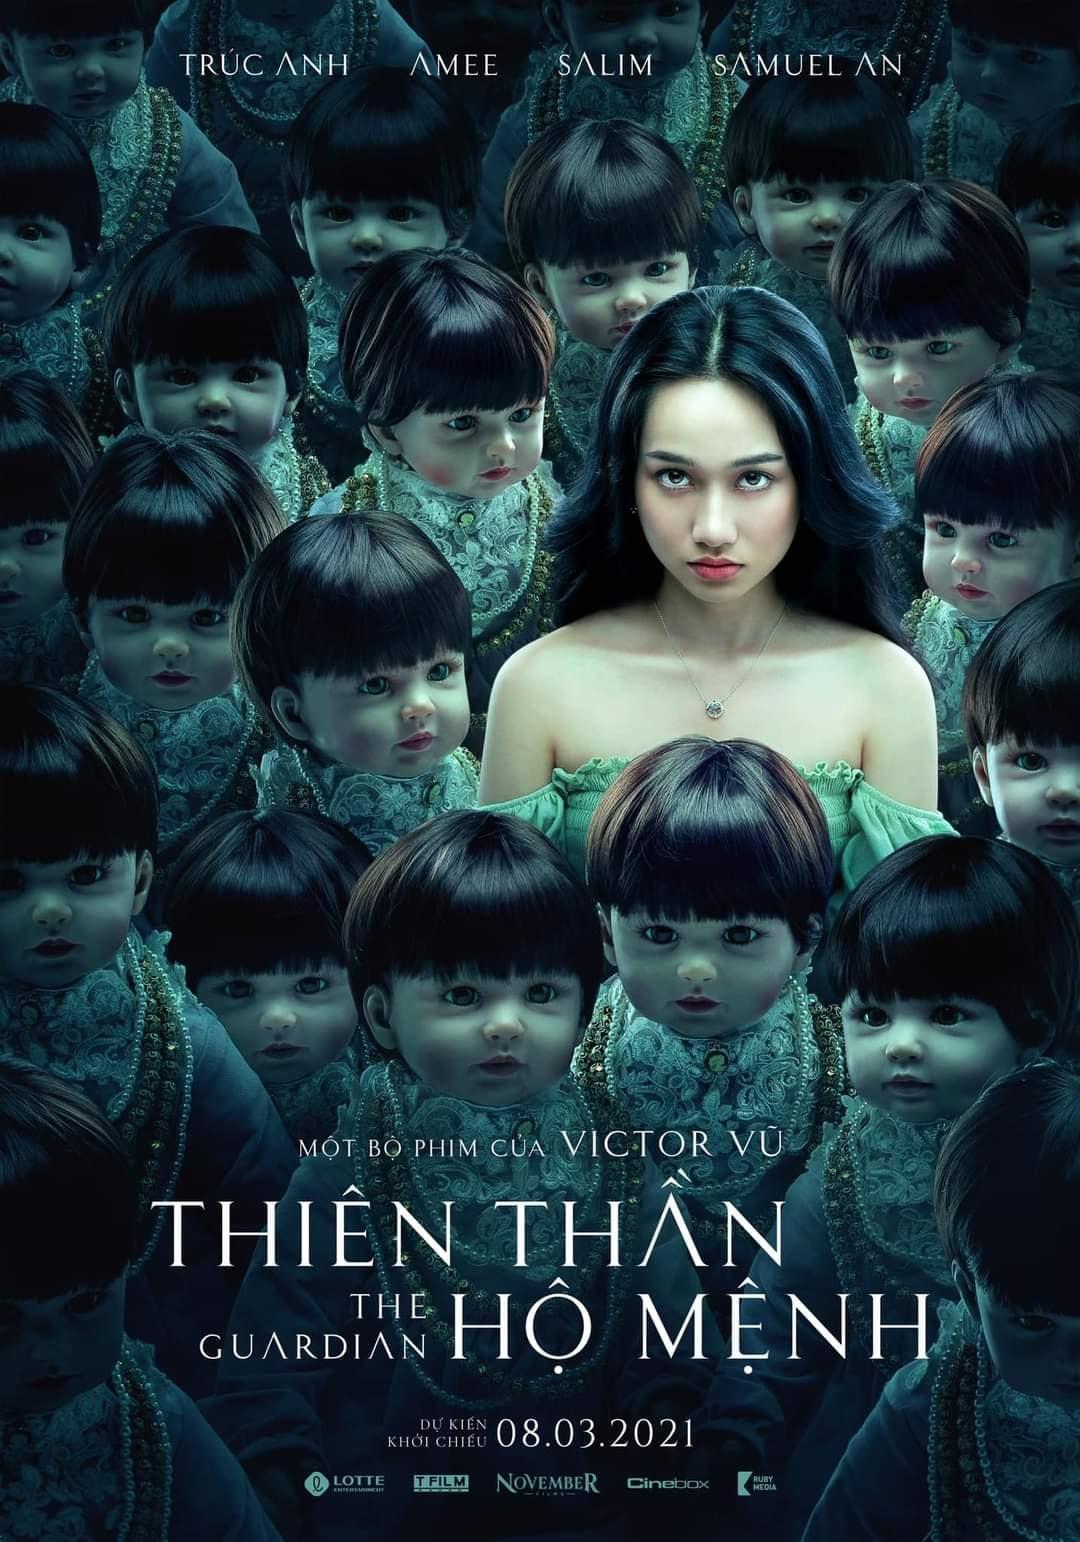 Victor Vũ - Vị đạo diễn hàng đầu Việt Nam 3